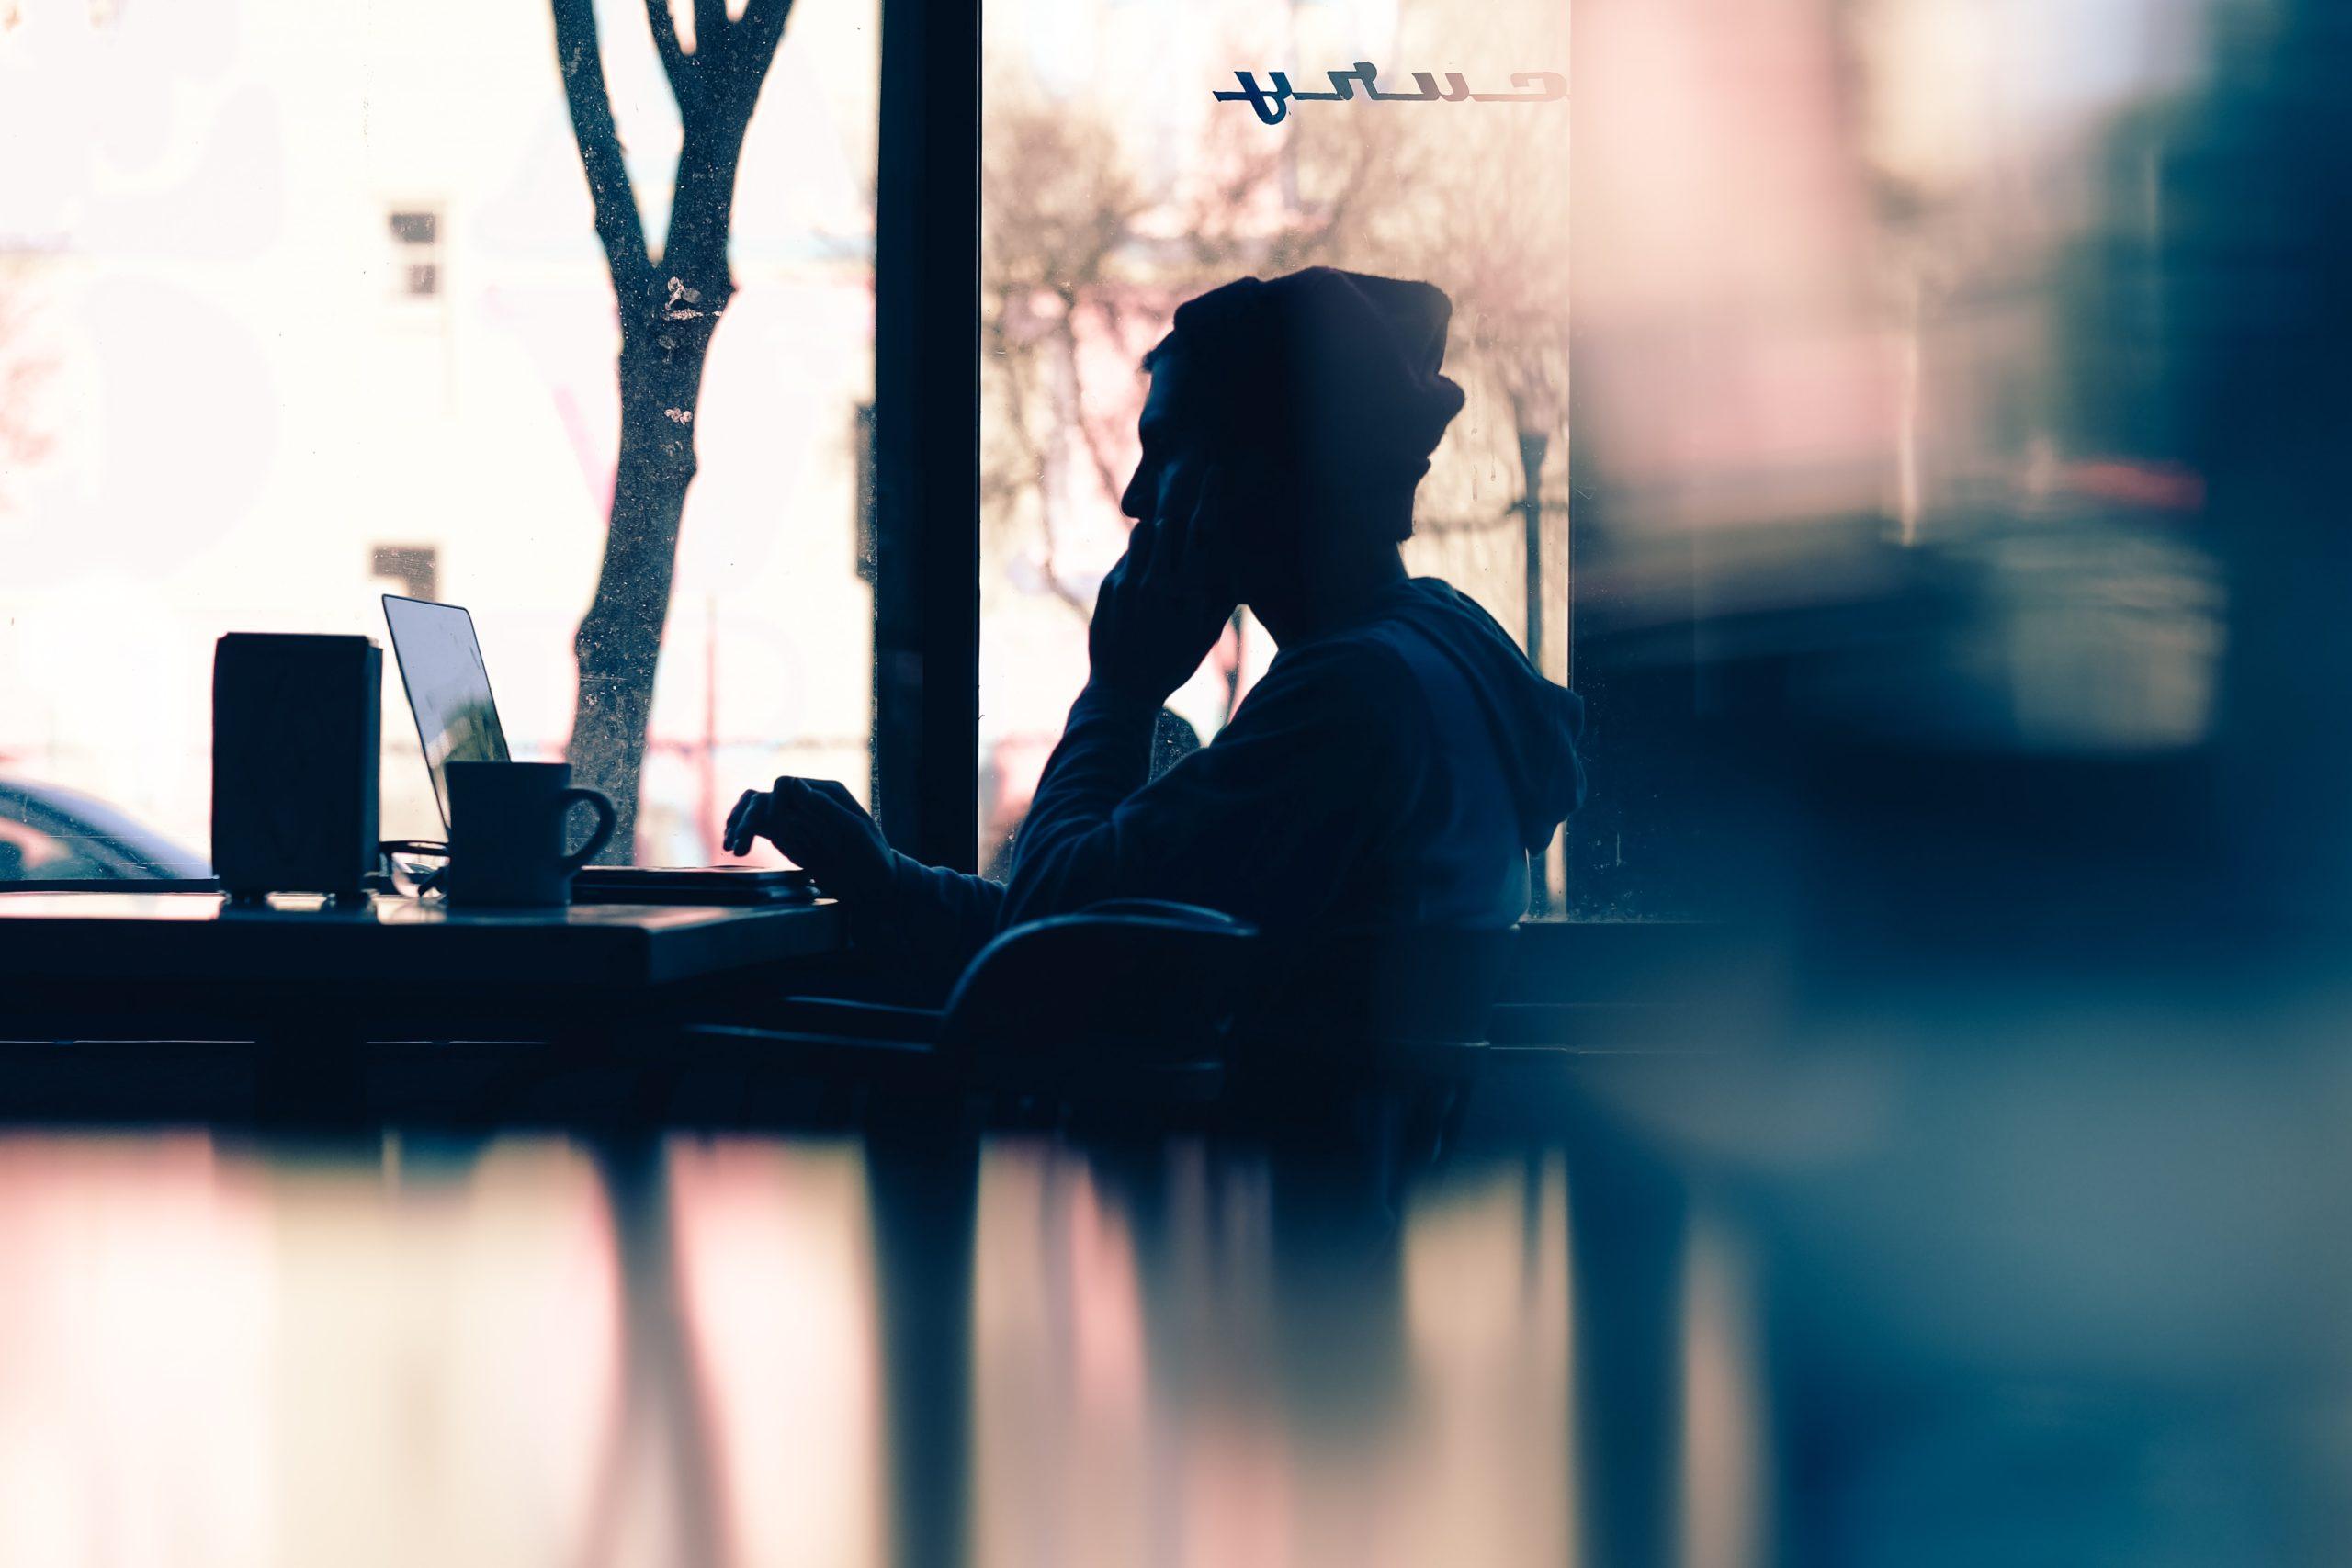 cafeでパソコンを見ている女性